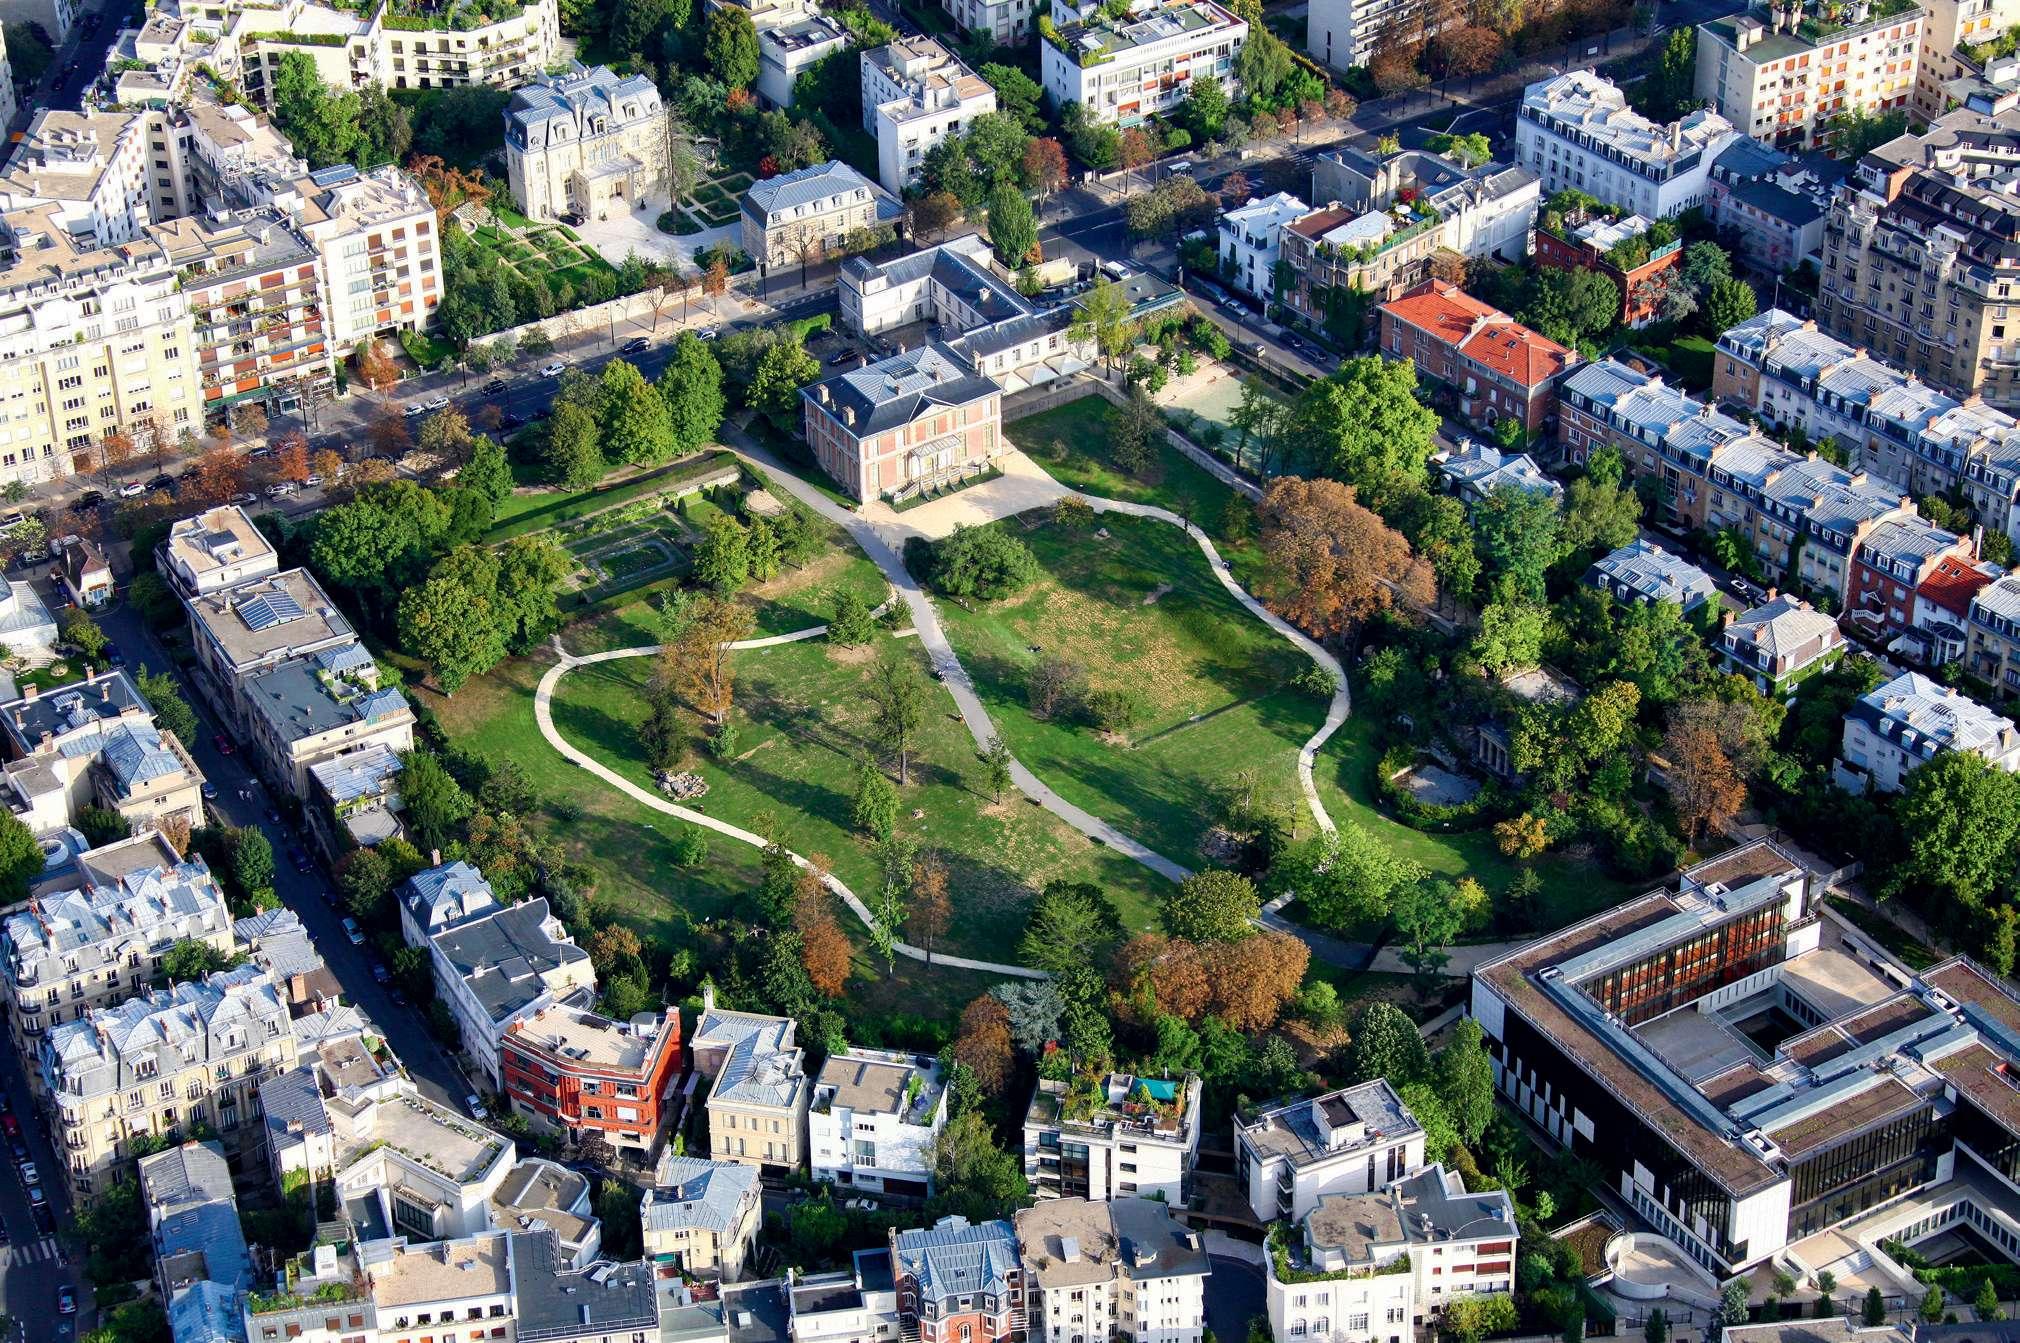 Vue aérienne d'un quartier de Neuilly/Bois de Boulogne Billancourt